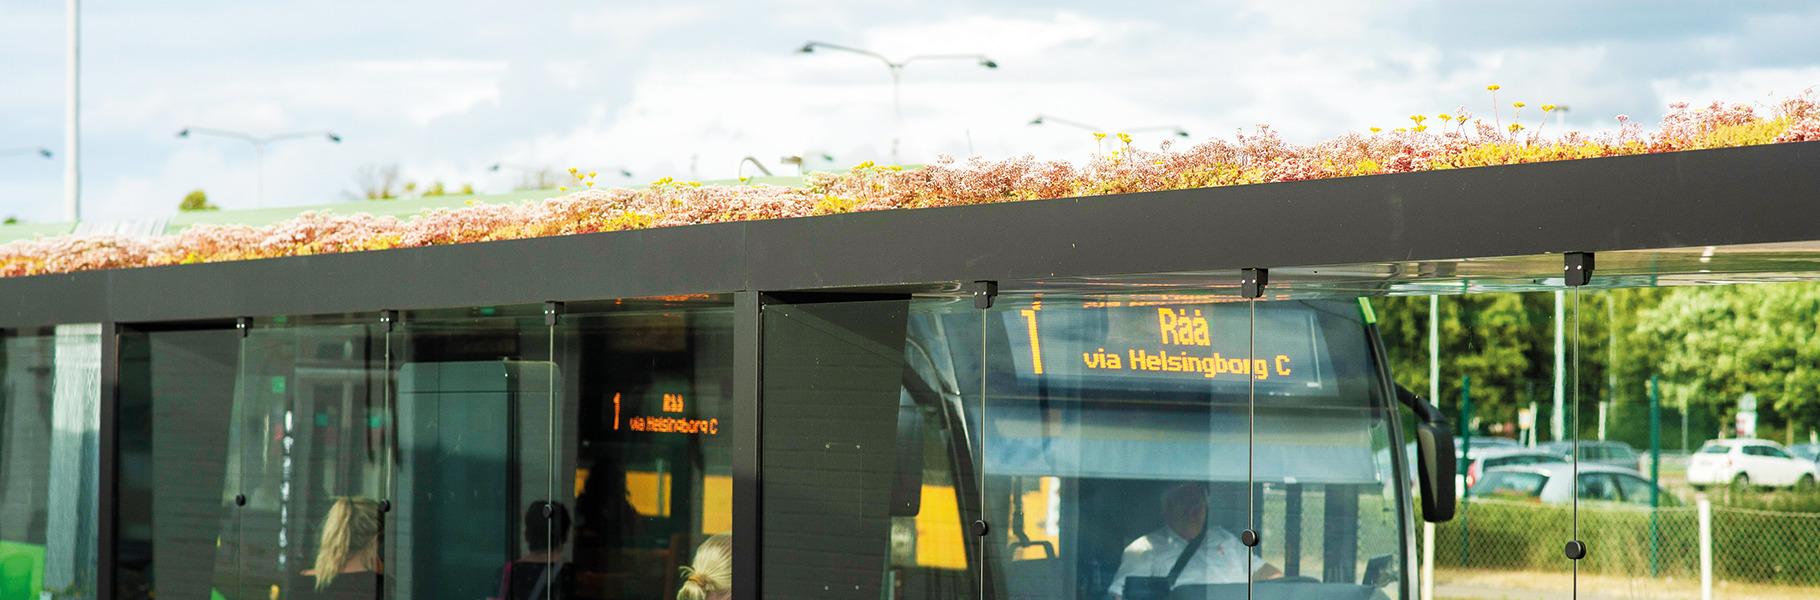 Groene daken op bushokjes Zweden